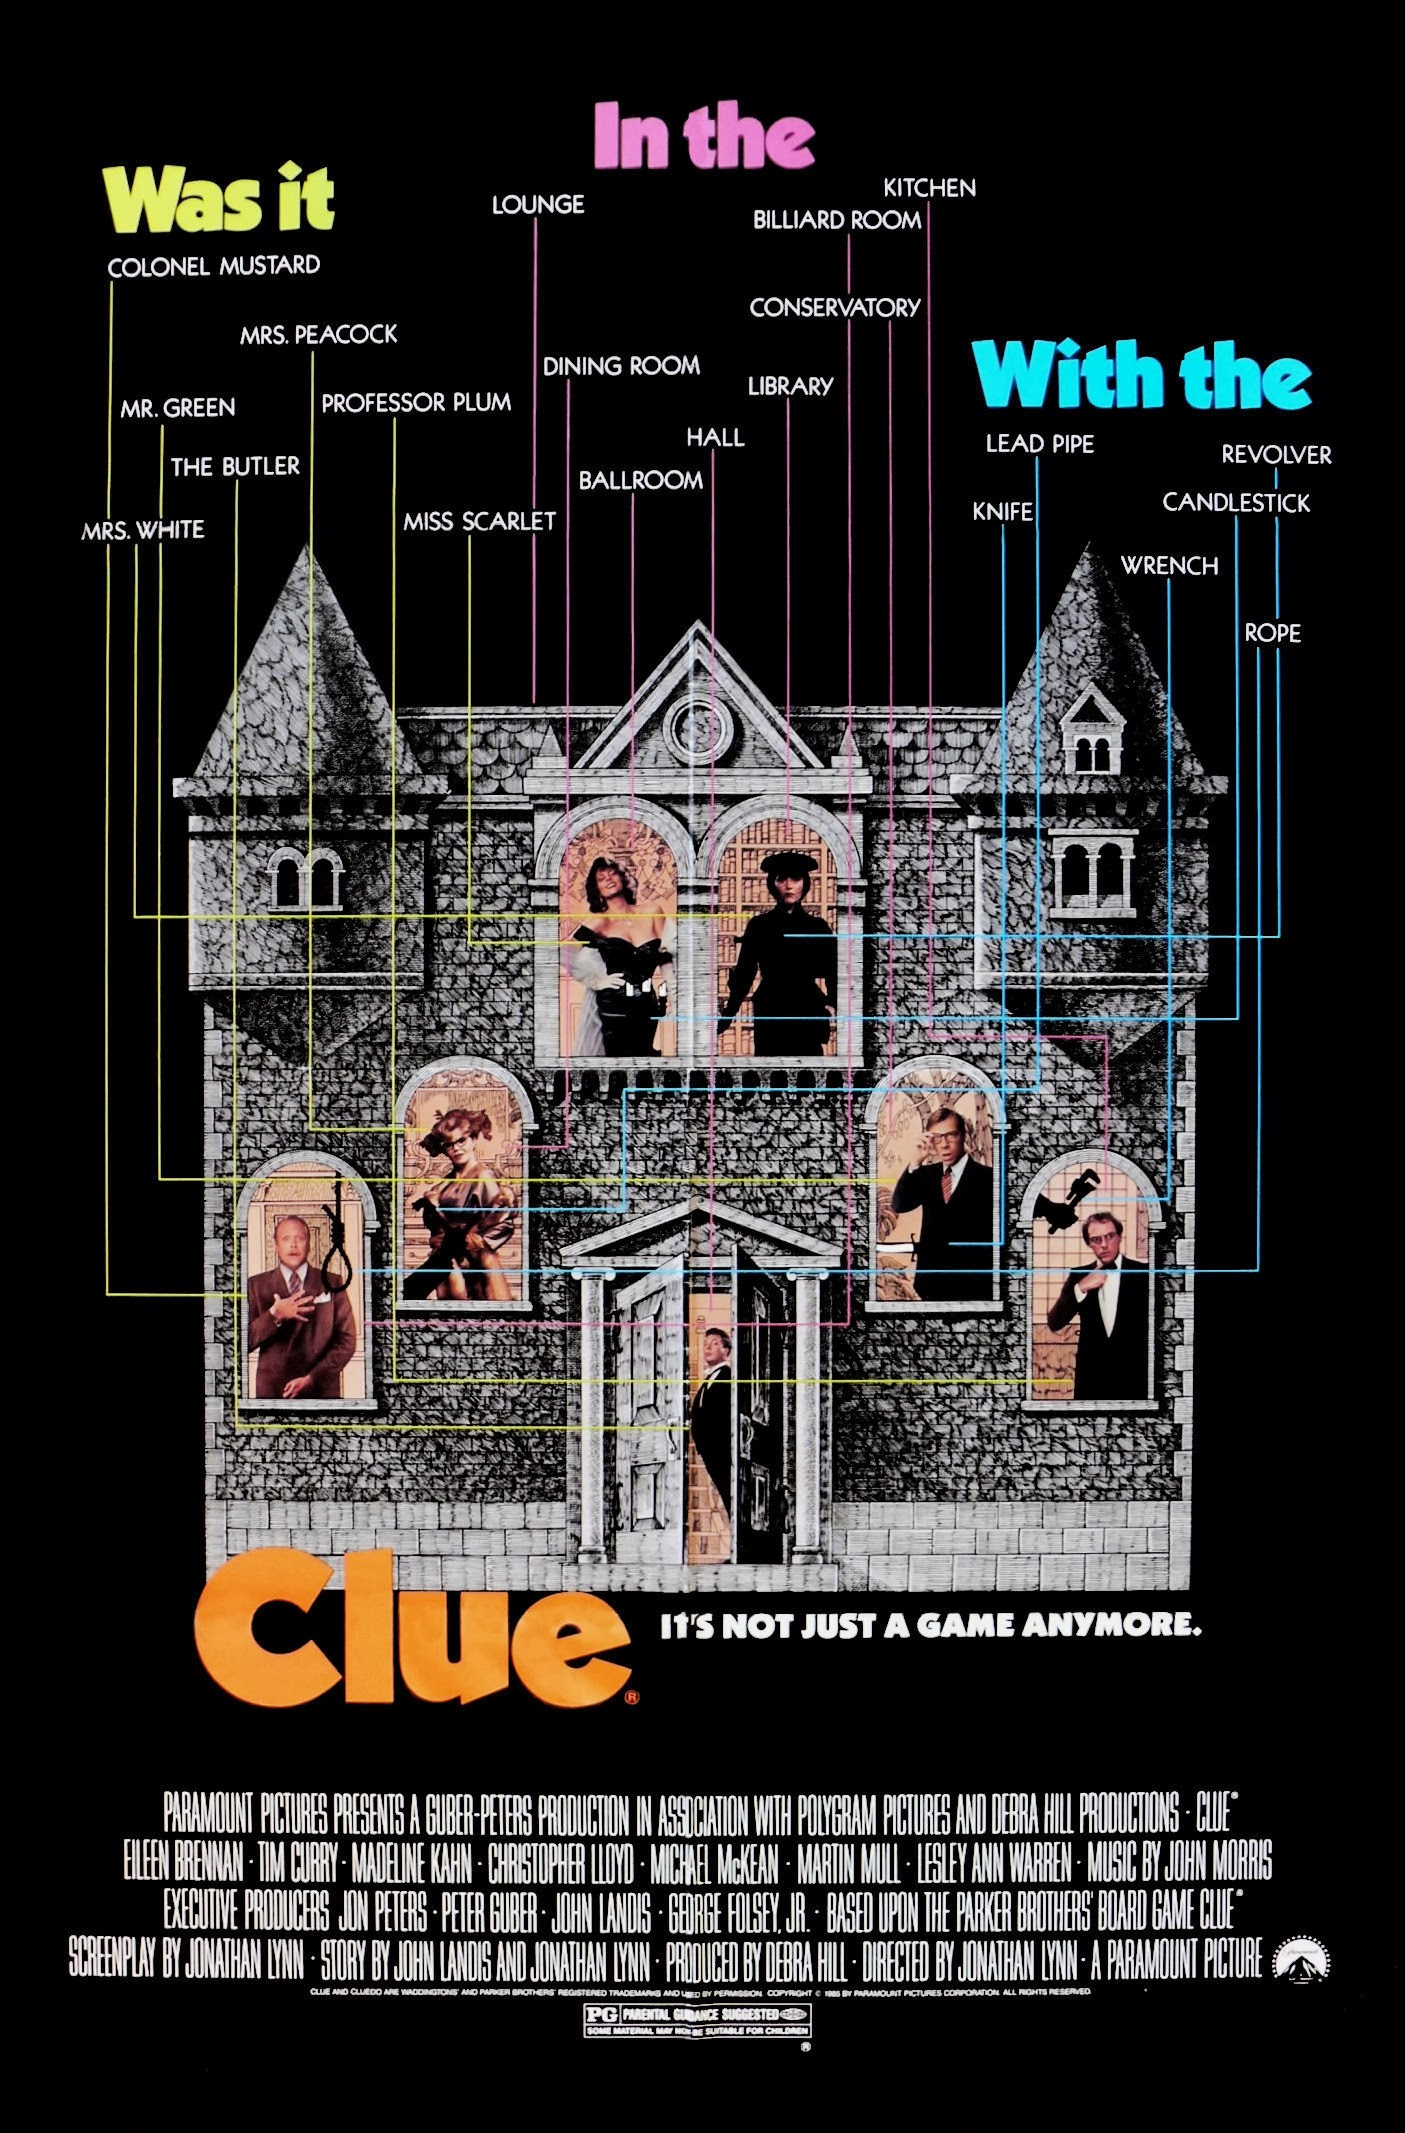 Download Filme Clue Torrent 2021 Qualidade Hd